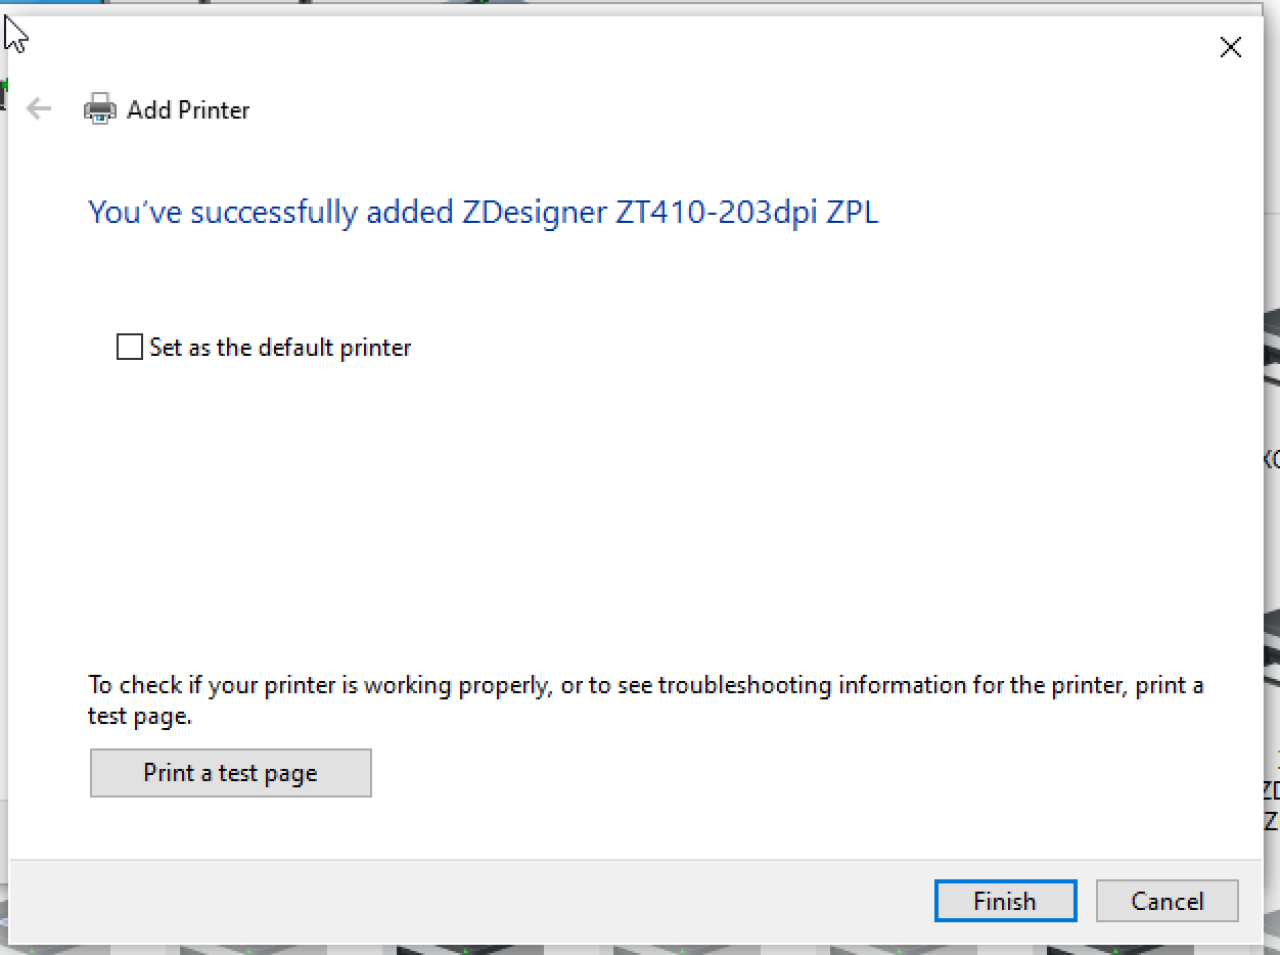 프린터 설치 화면 완료